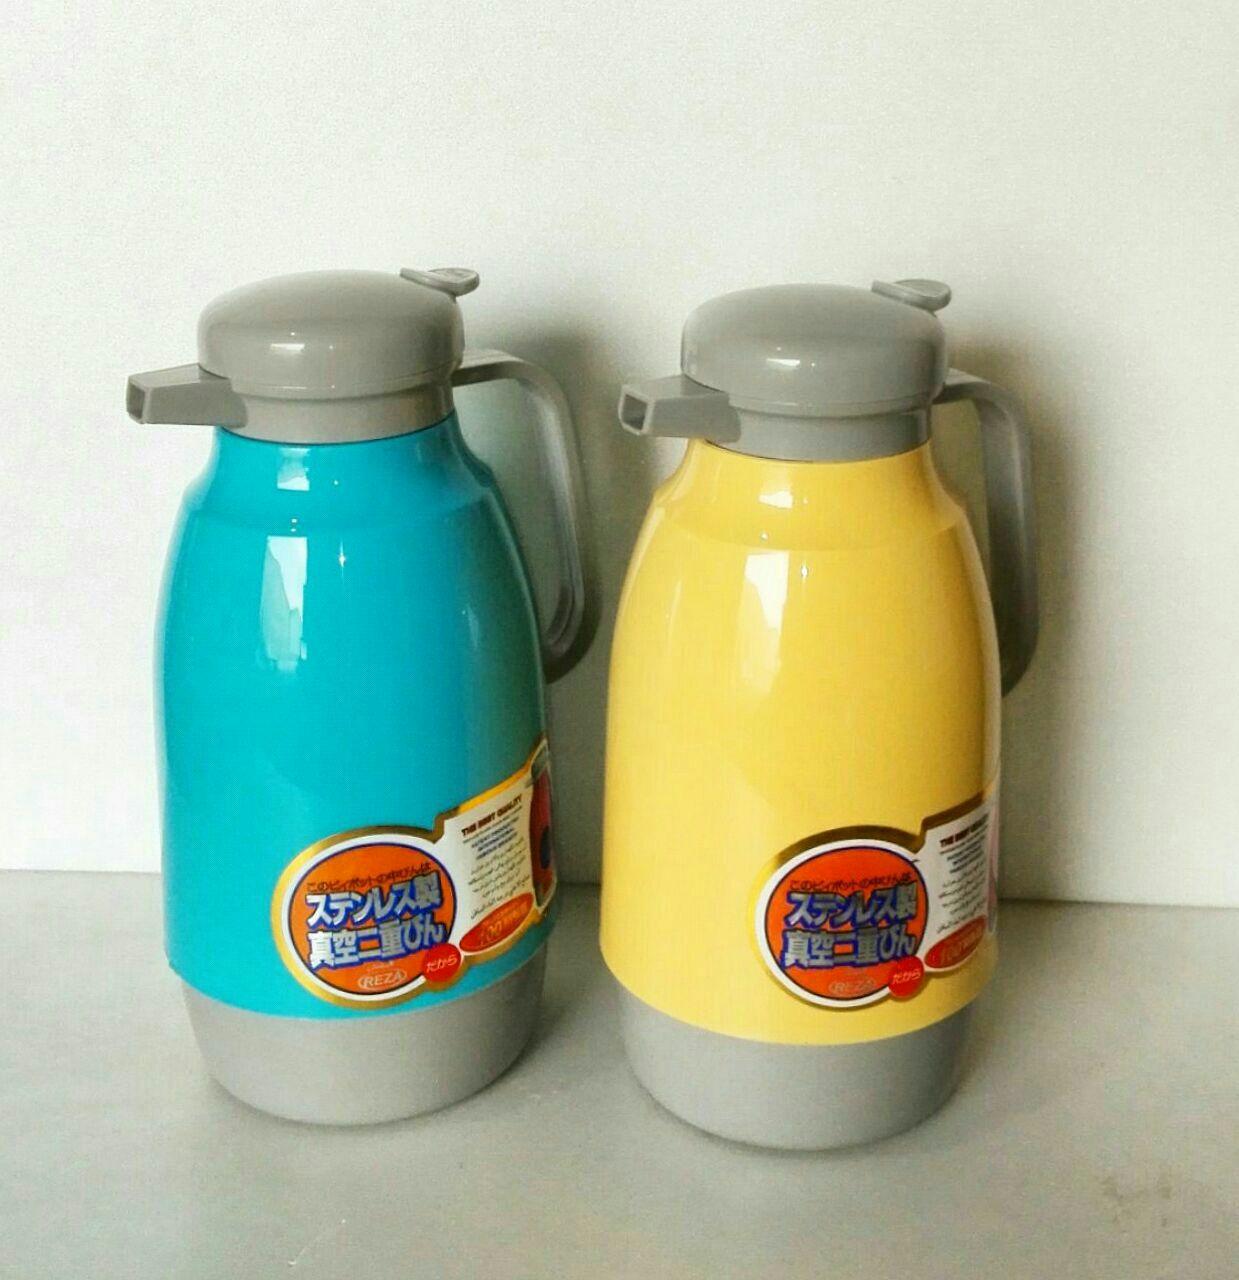 حراجی ظروف پلاستیکی لوکس عزیزی شیراز